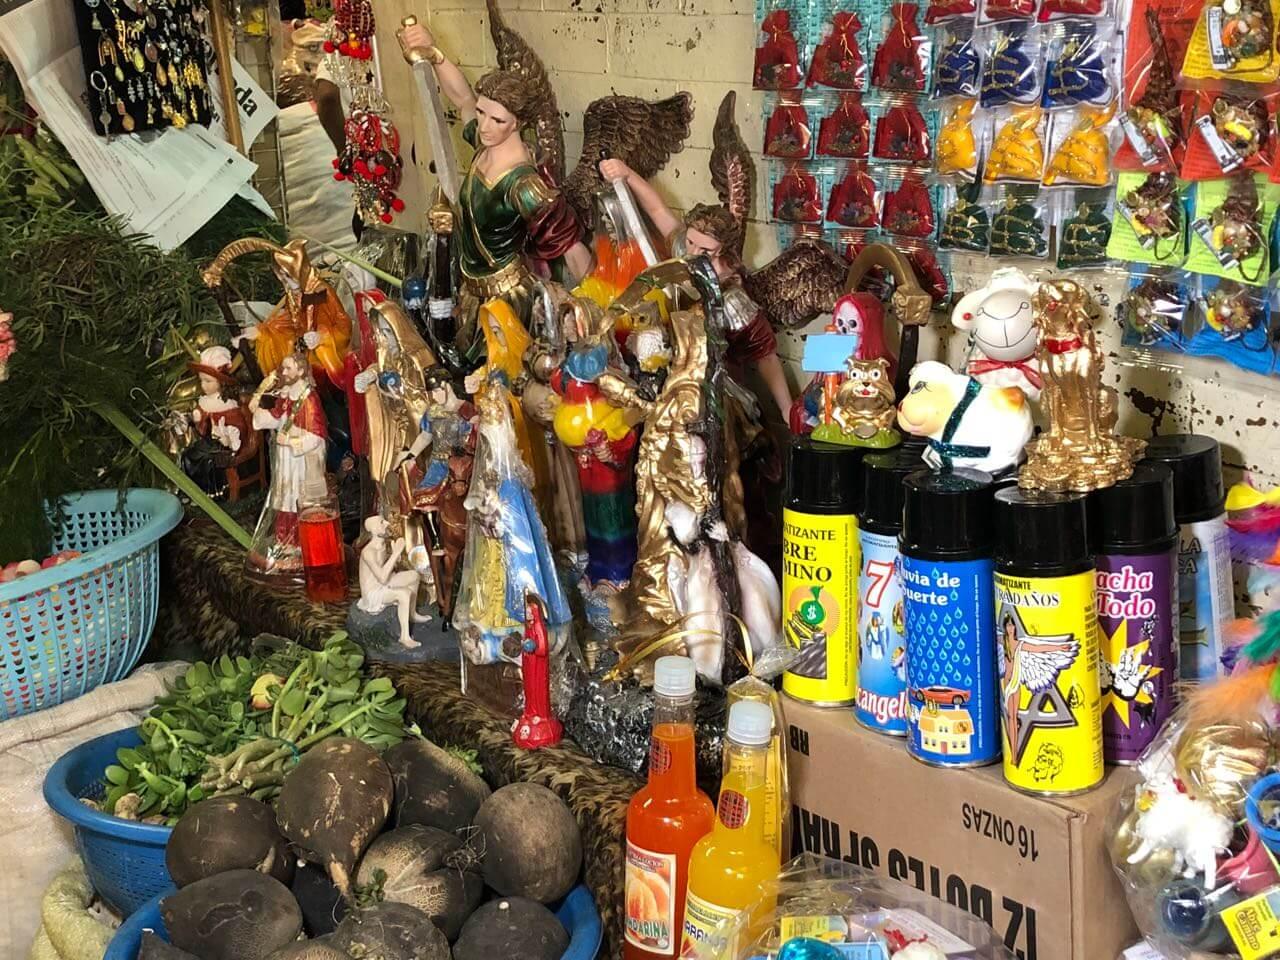 mercado sonora lugar amuletos y rituales ano nuevo